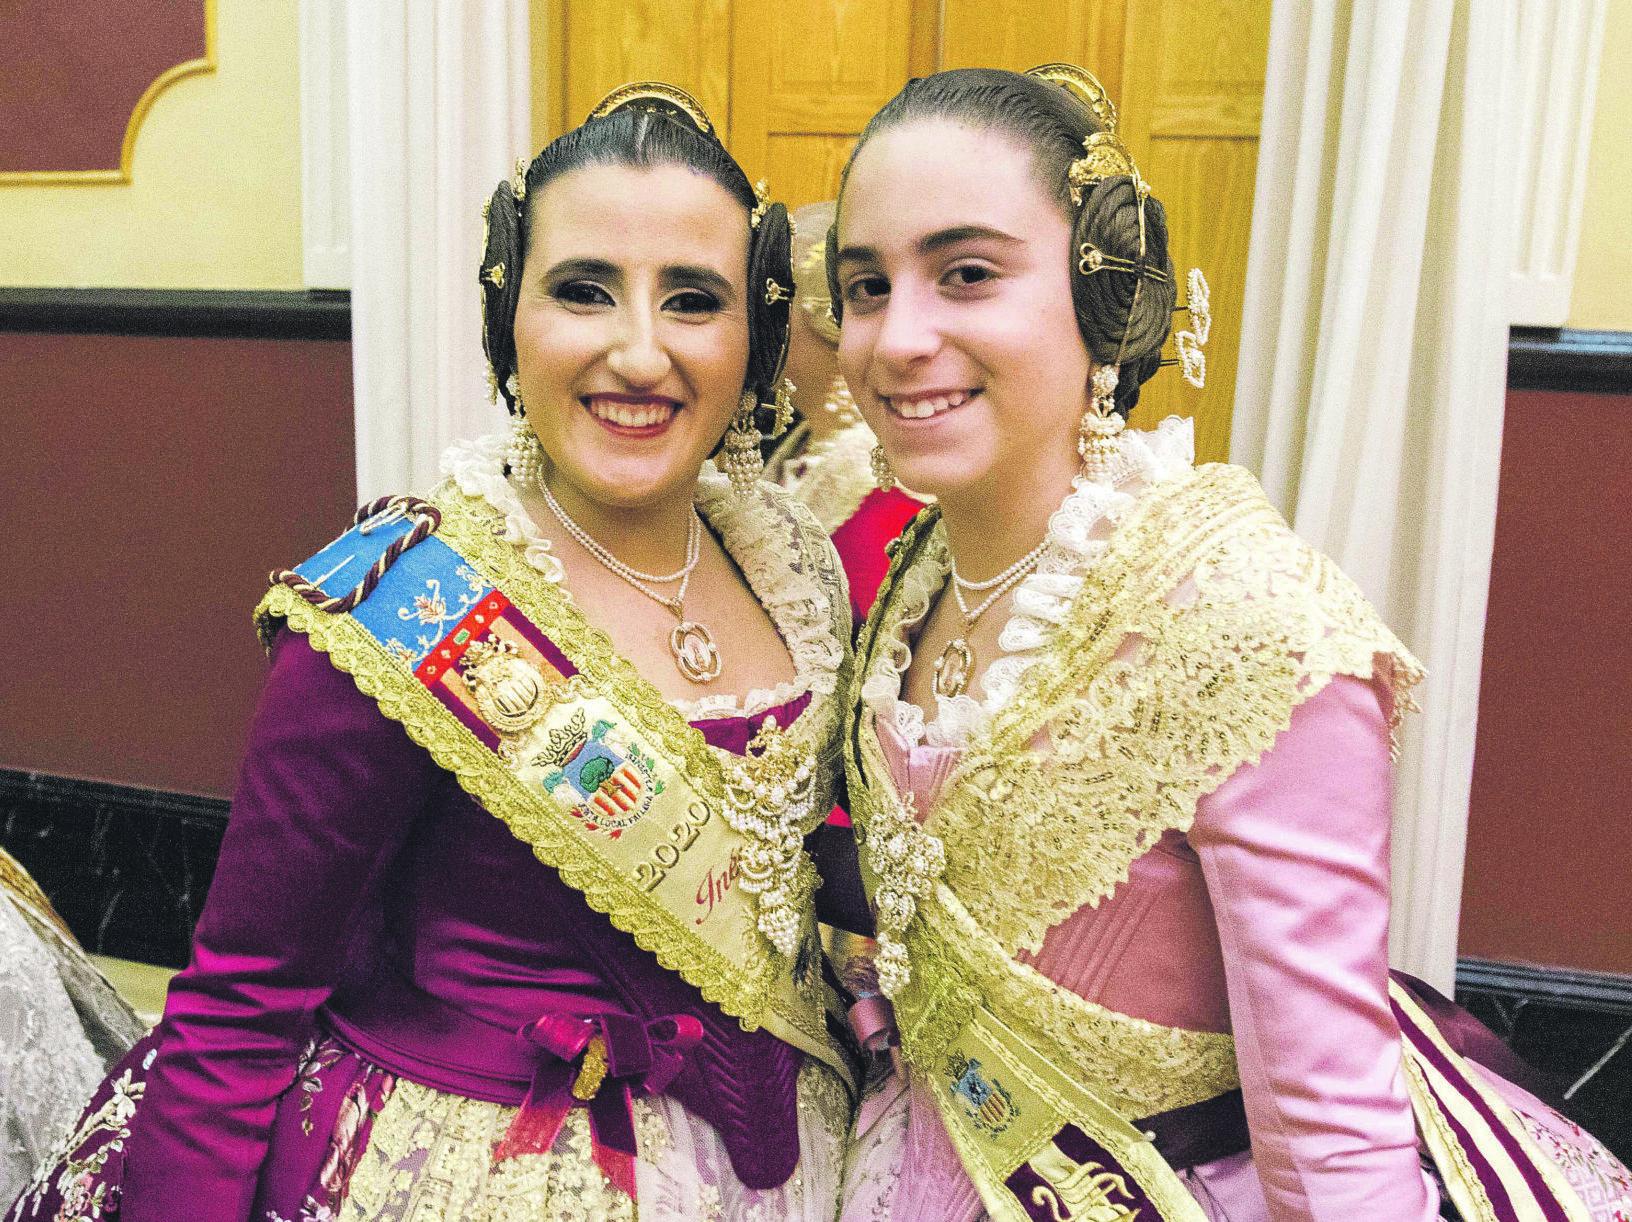 Ines Puigvert Irene Espiritusanto falleres majors algemesi moises castell prensa2